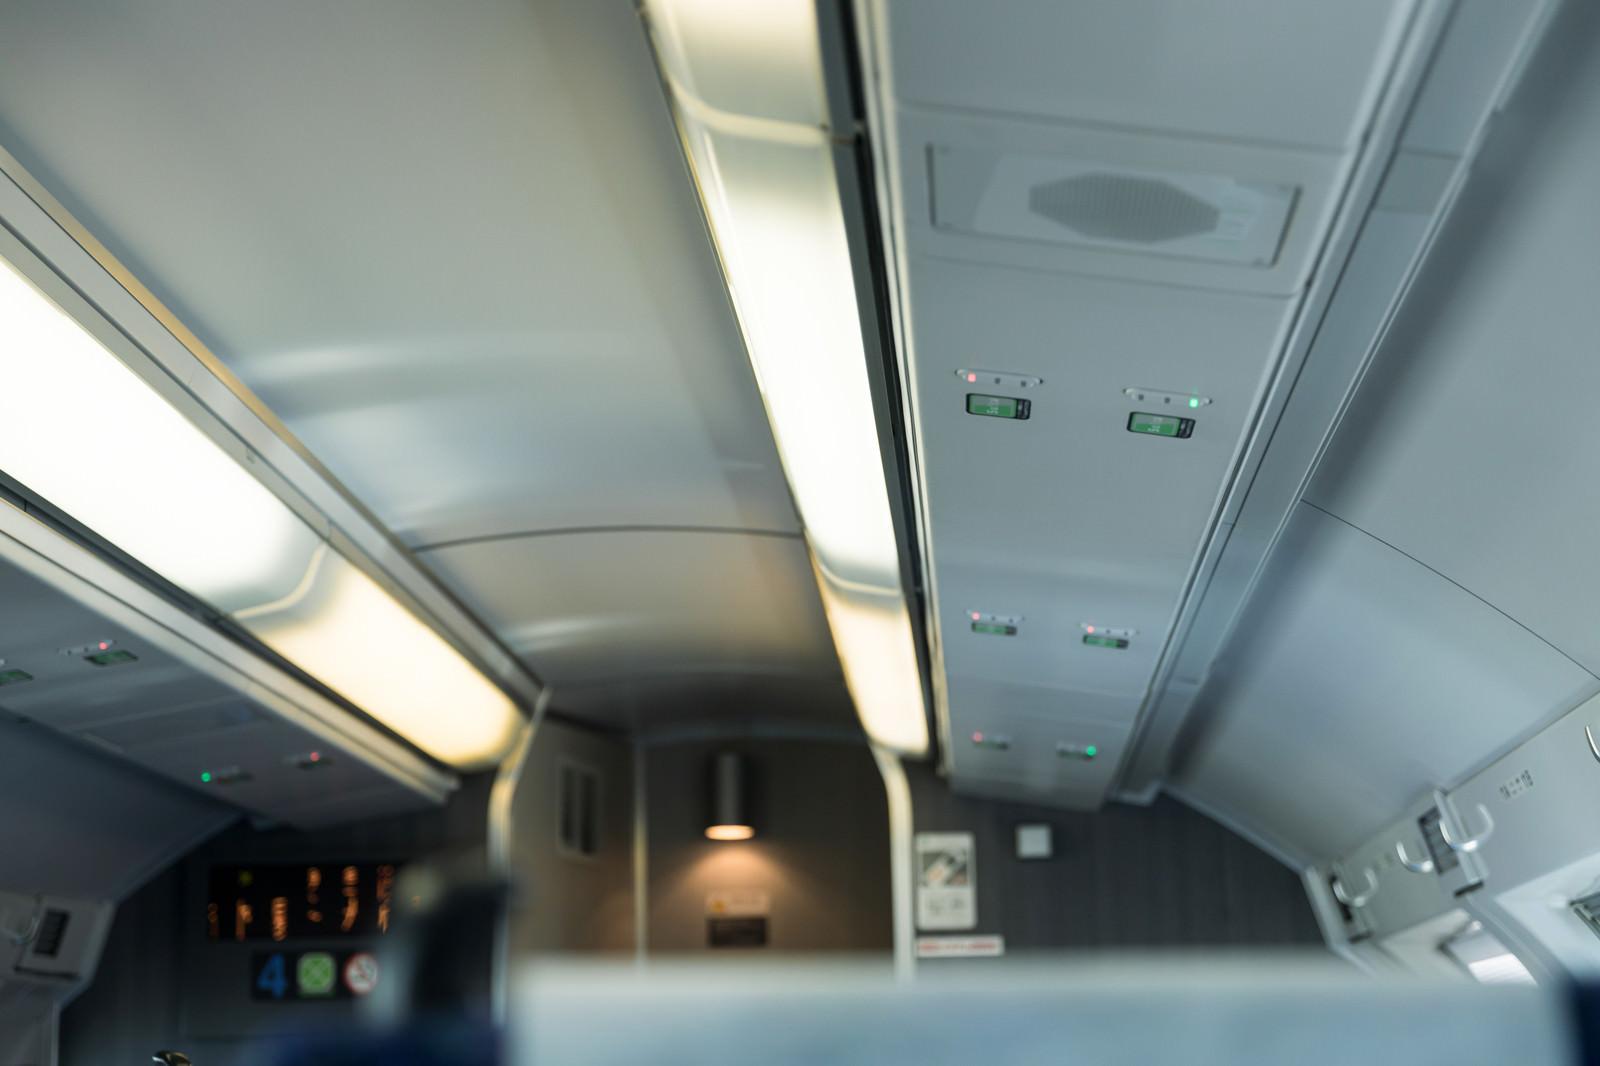 「グリーン車の各座席の天井部分にある読取機」の写真